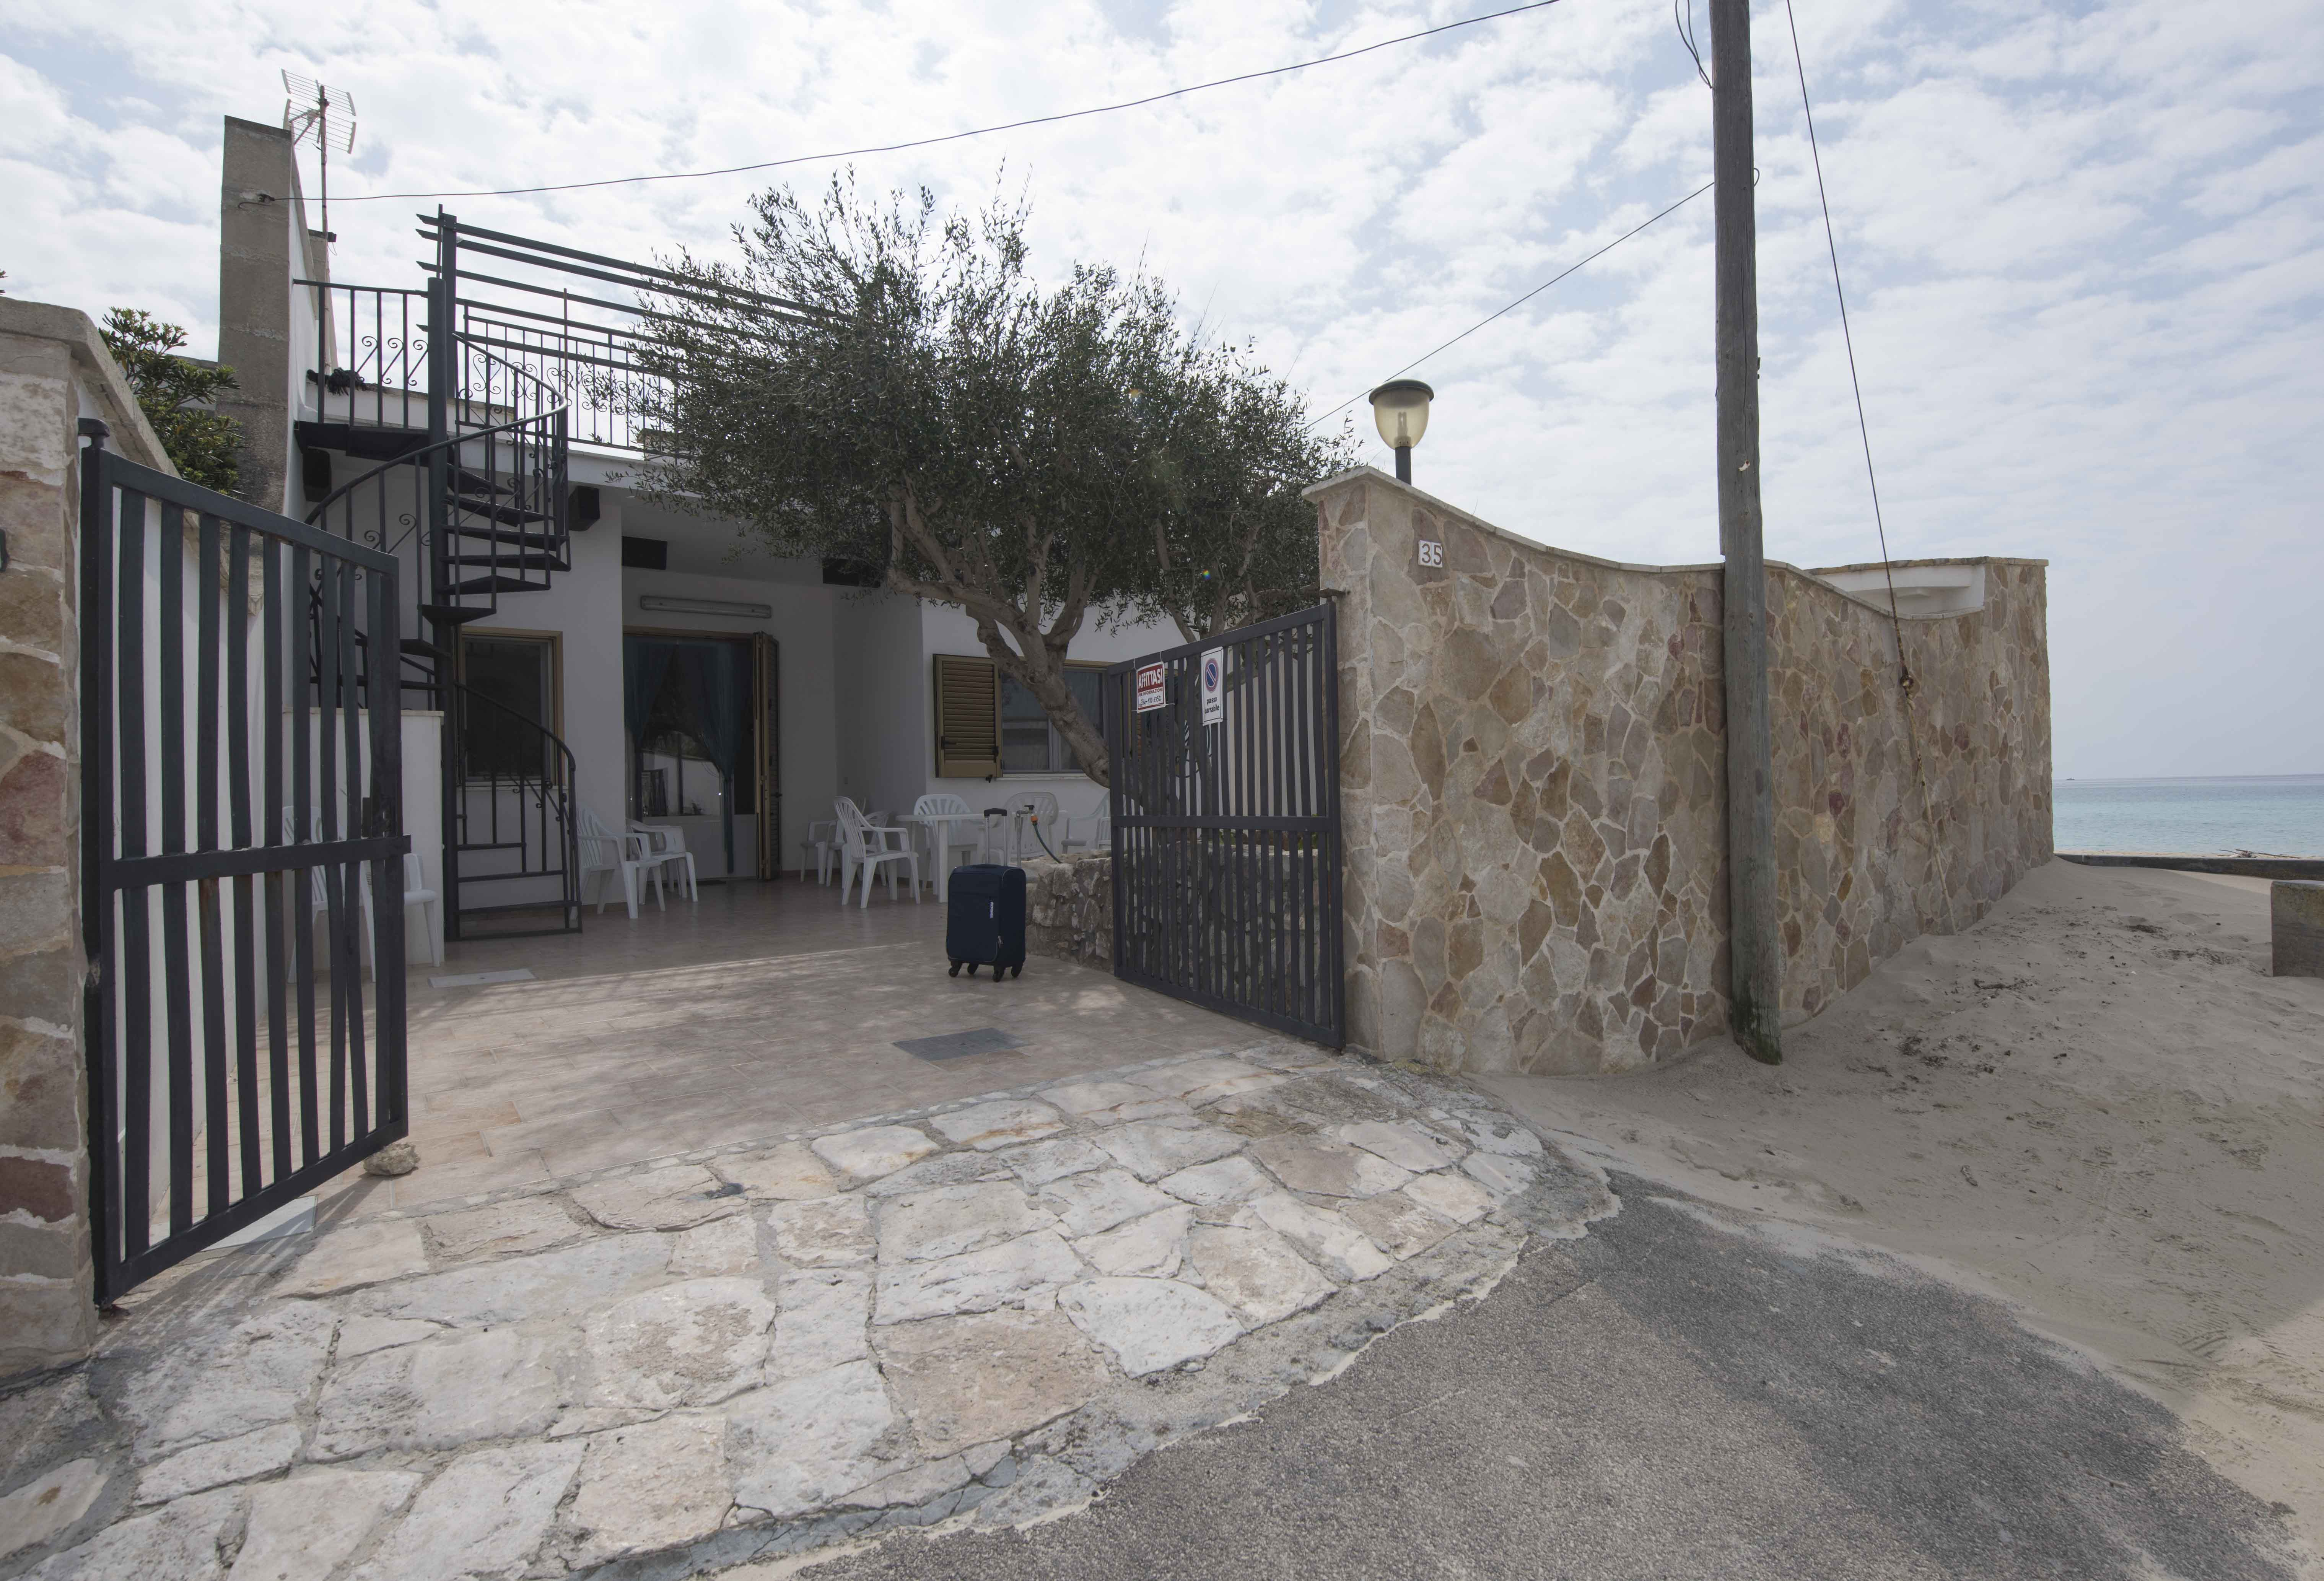 Ferienhaus Villa Desiderio, villa on the beach (2354061), Porto Cesareo, Lecce, Apulien, Italien, Bild 11